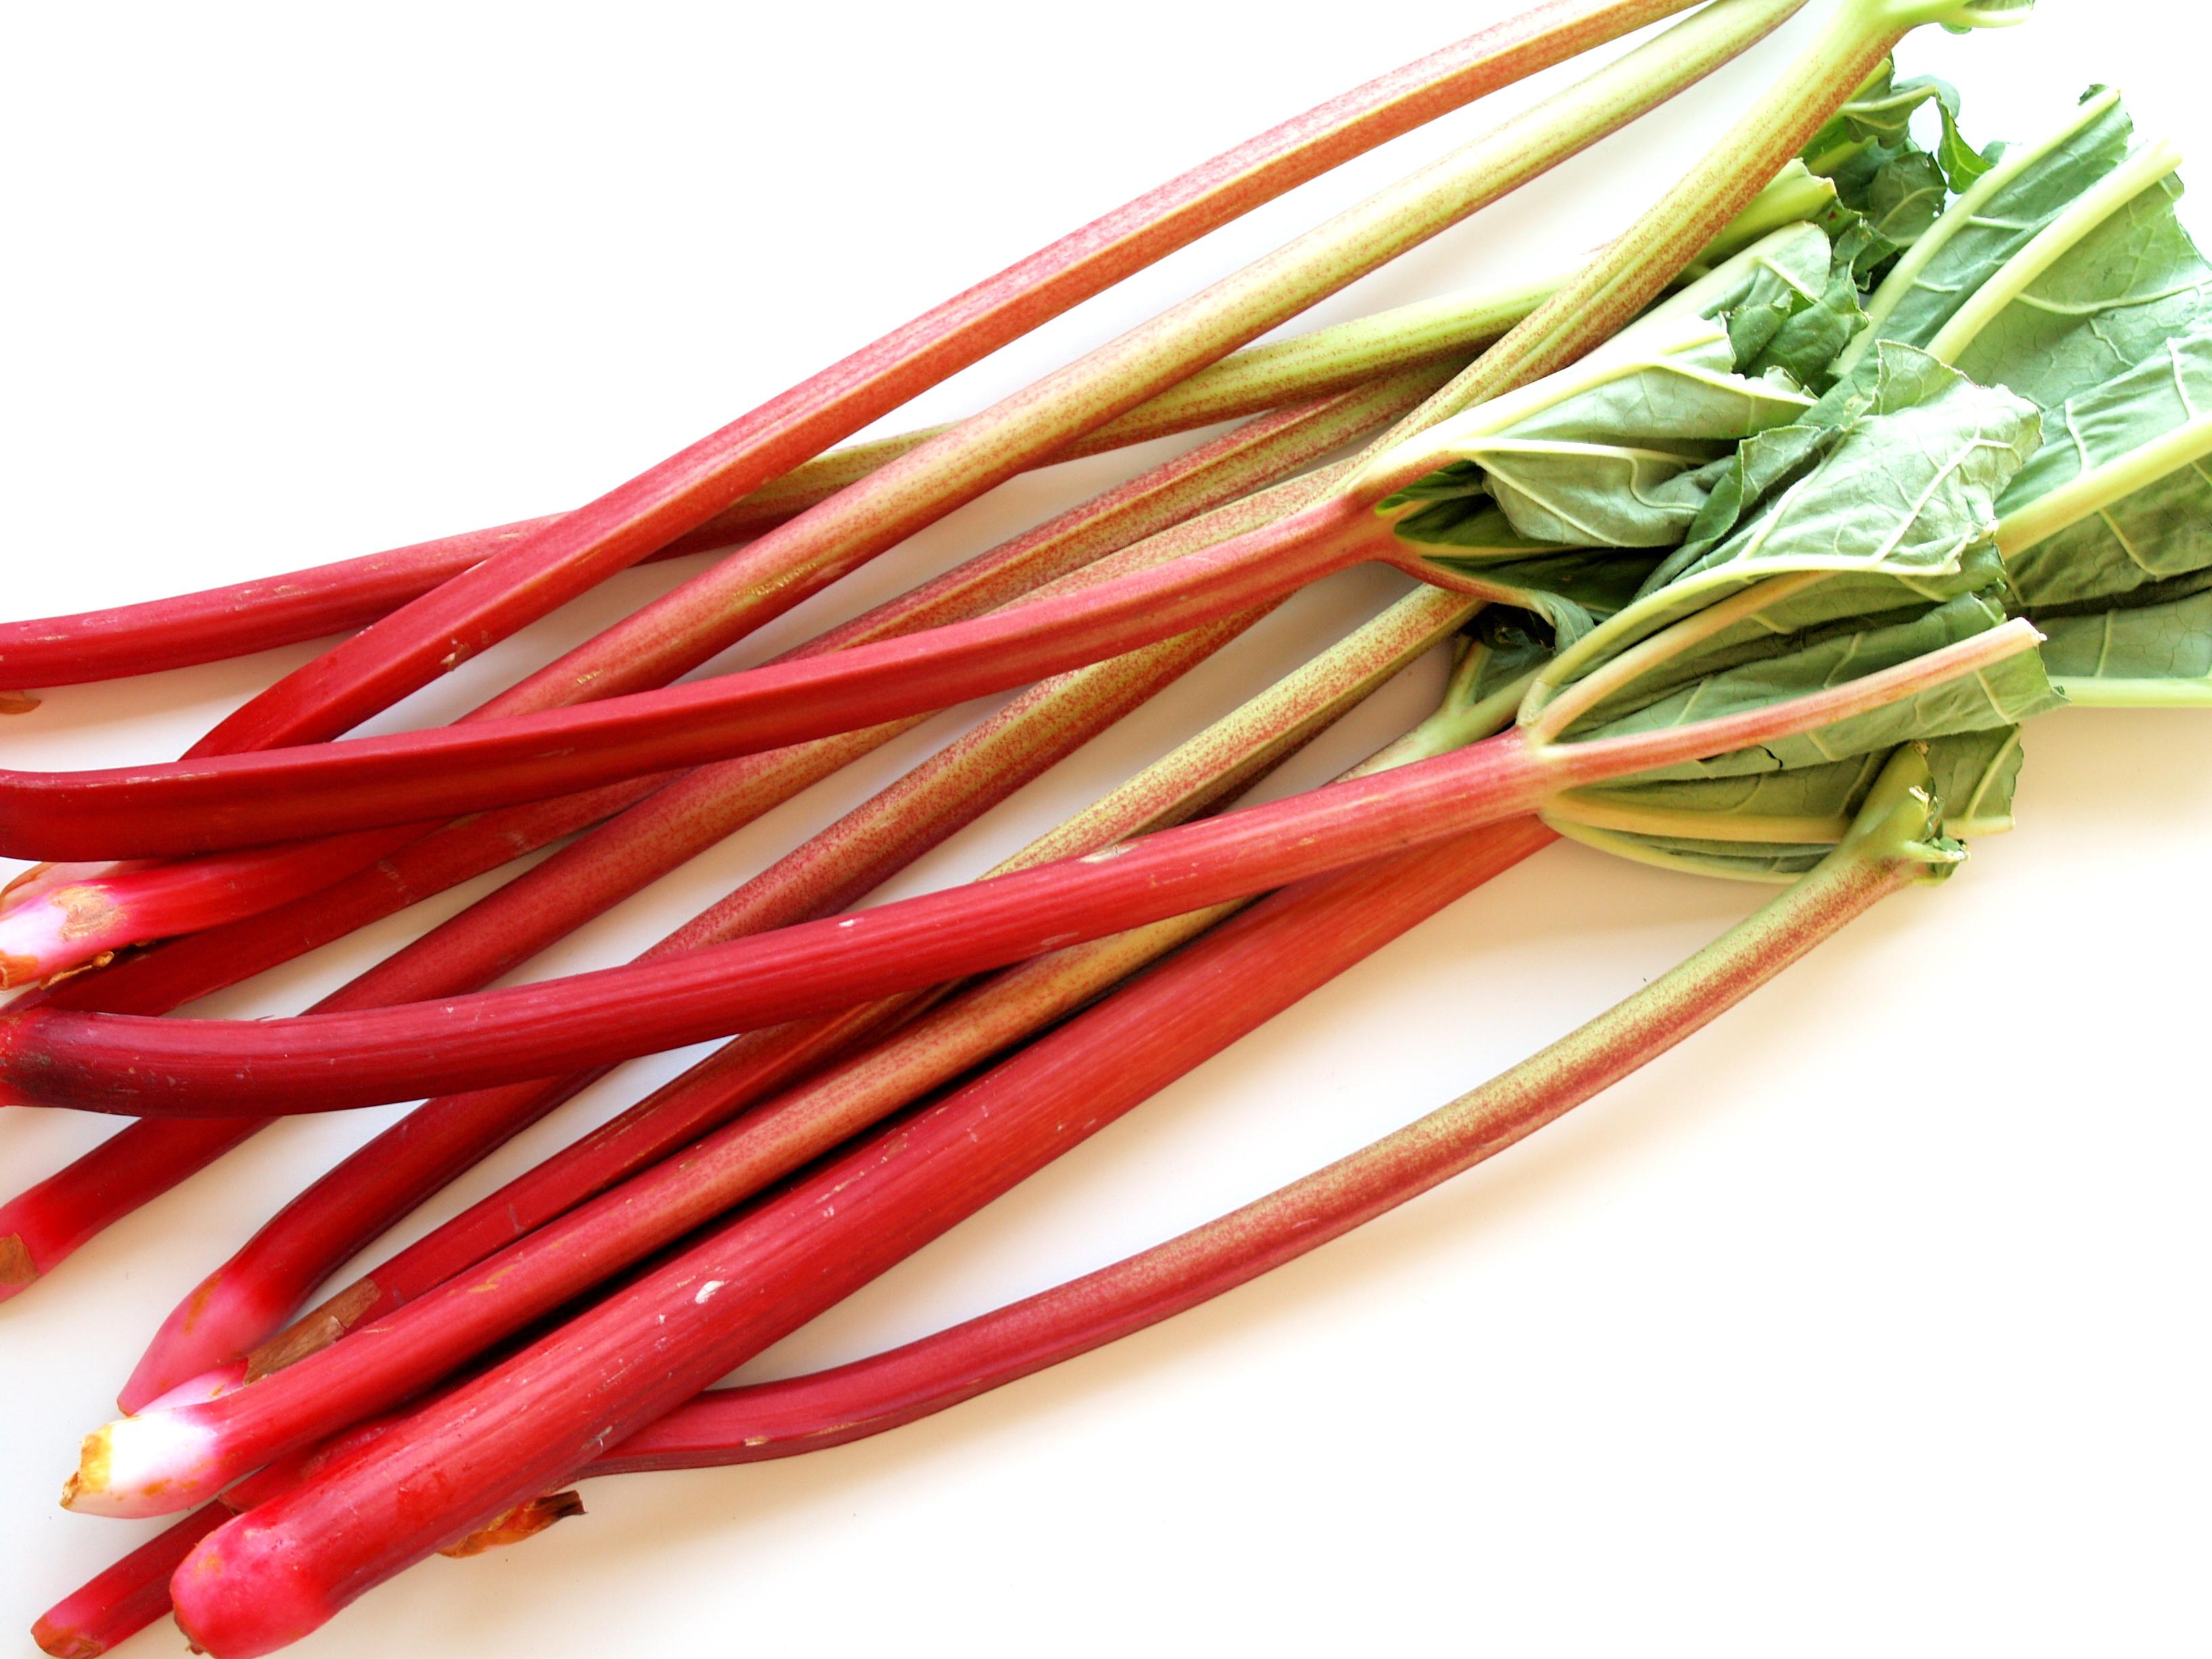 Rhubarb Pics, Food Collection